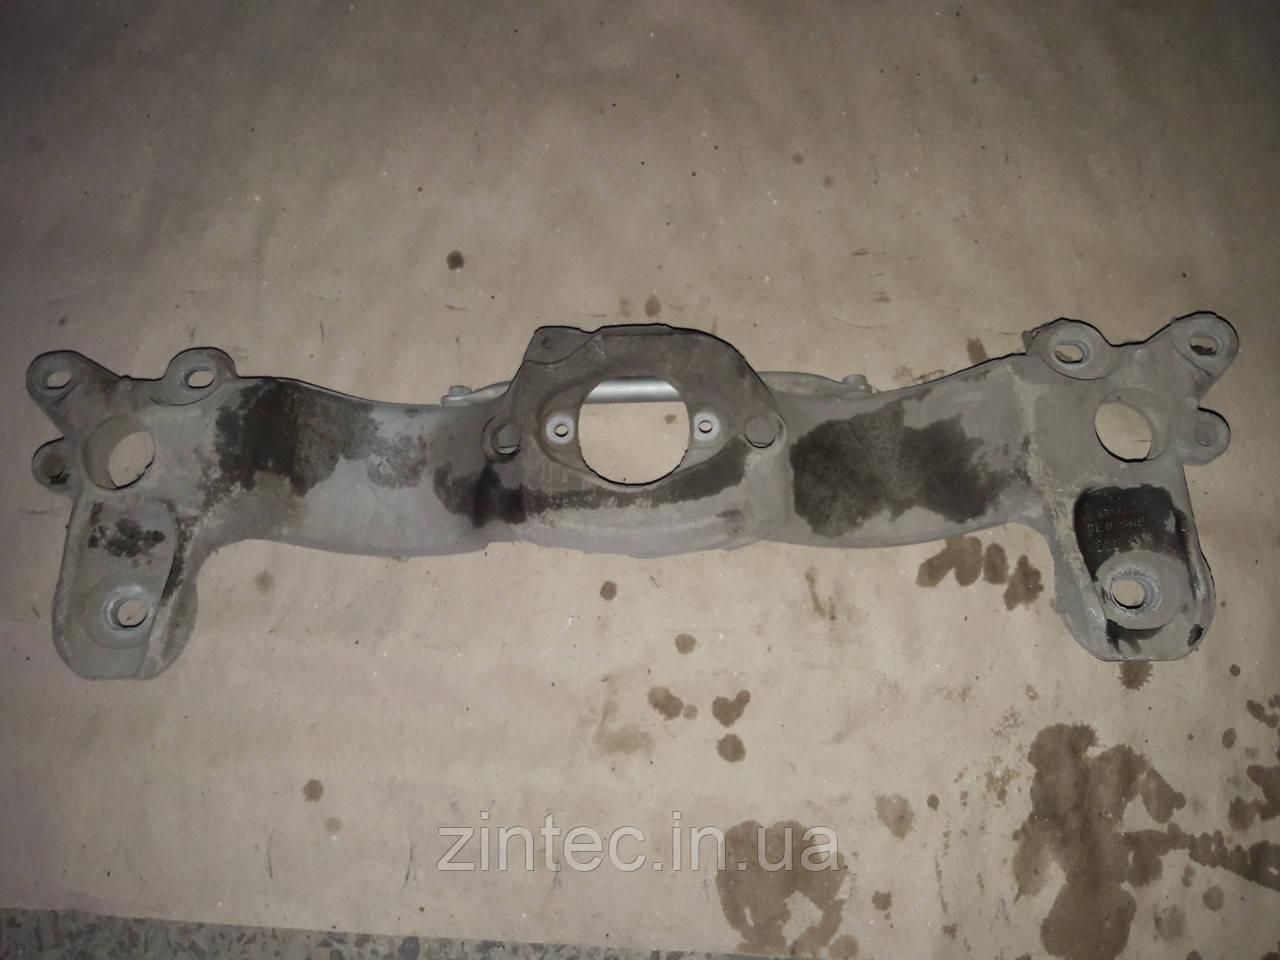 Подрамник передний (балка) на AUDI A4 2007г. тел.+380995454777